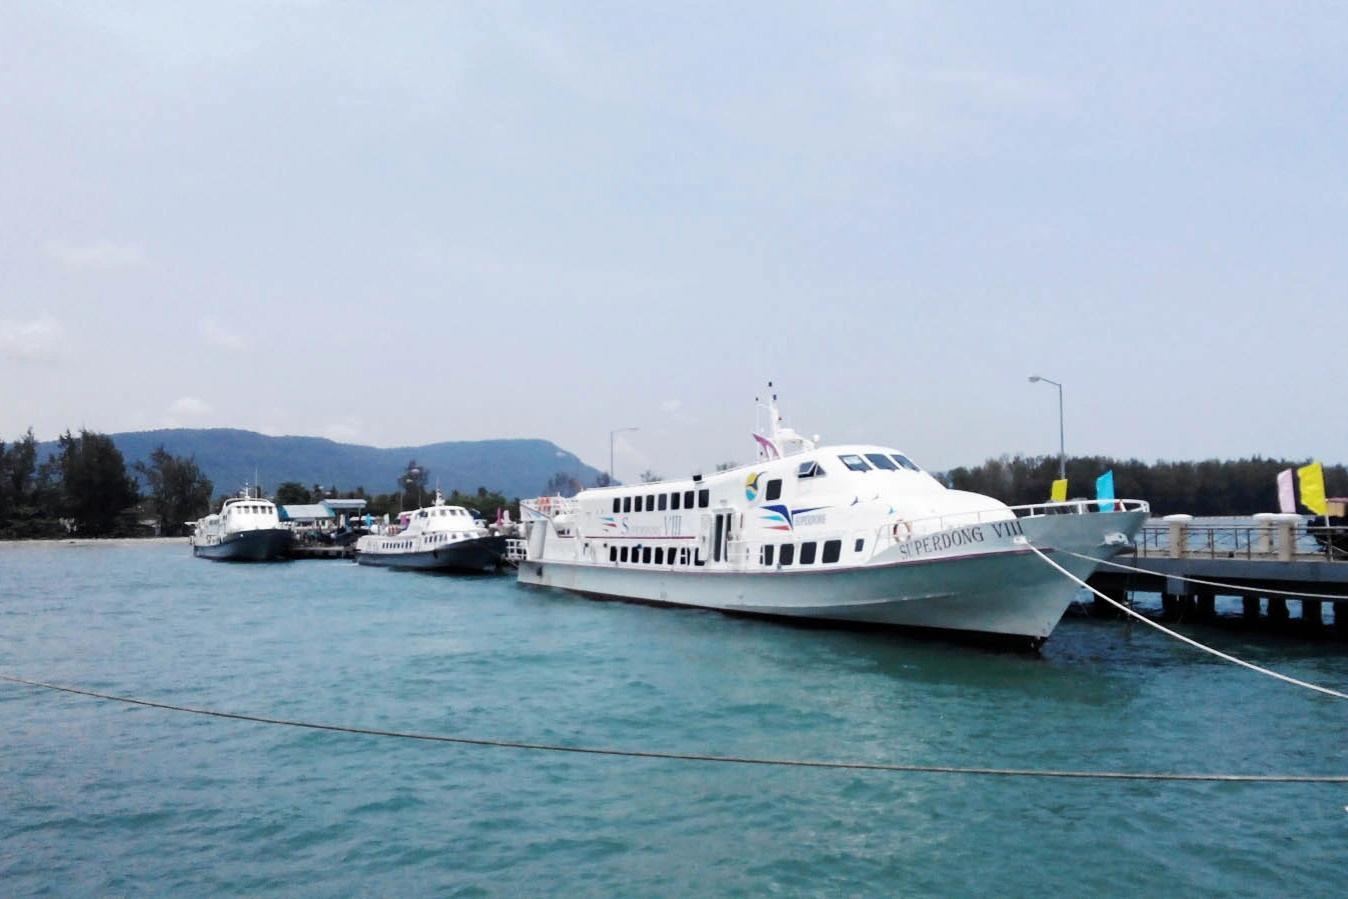 Phú Quốc: Cần tiêm 300.000 liều vaccine mới có thể đón khách du lịch trở lại - Ảnh 1.